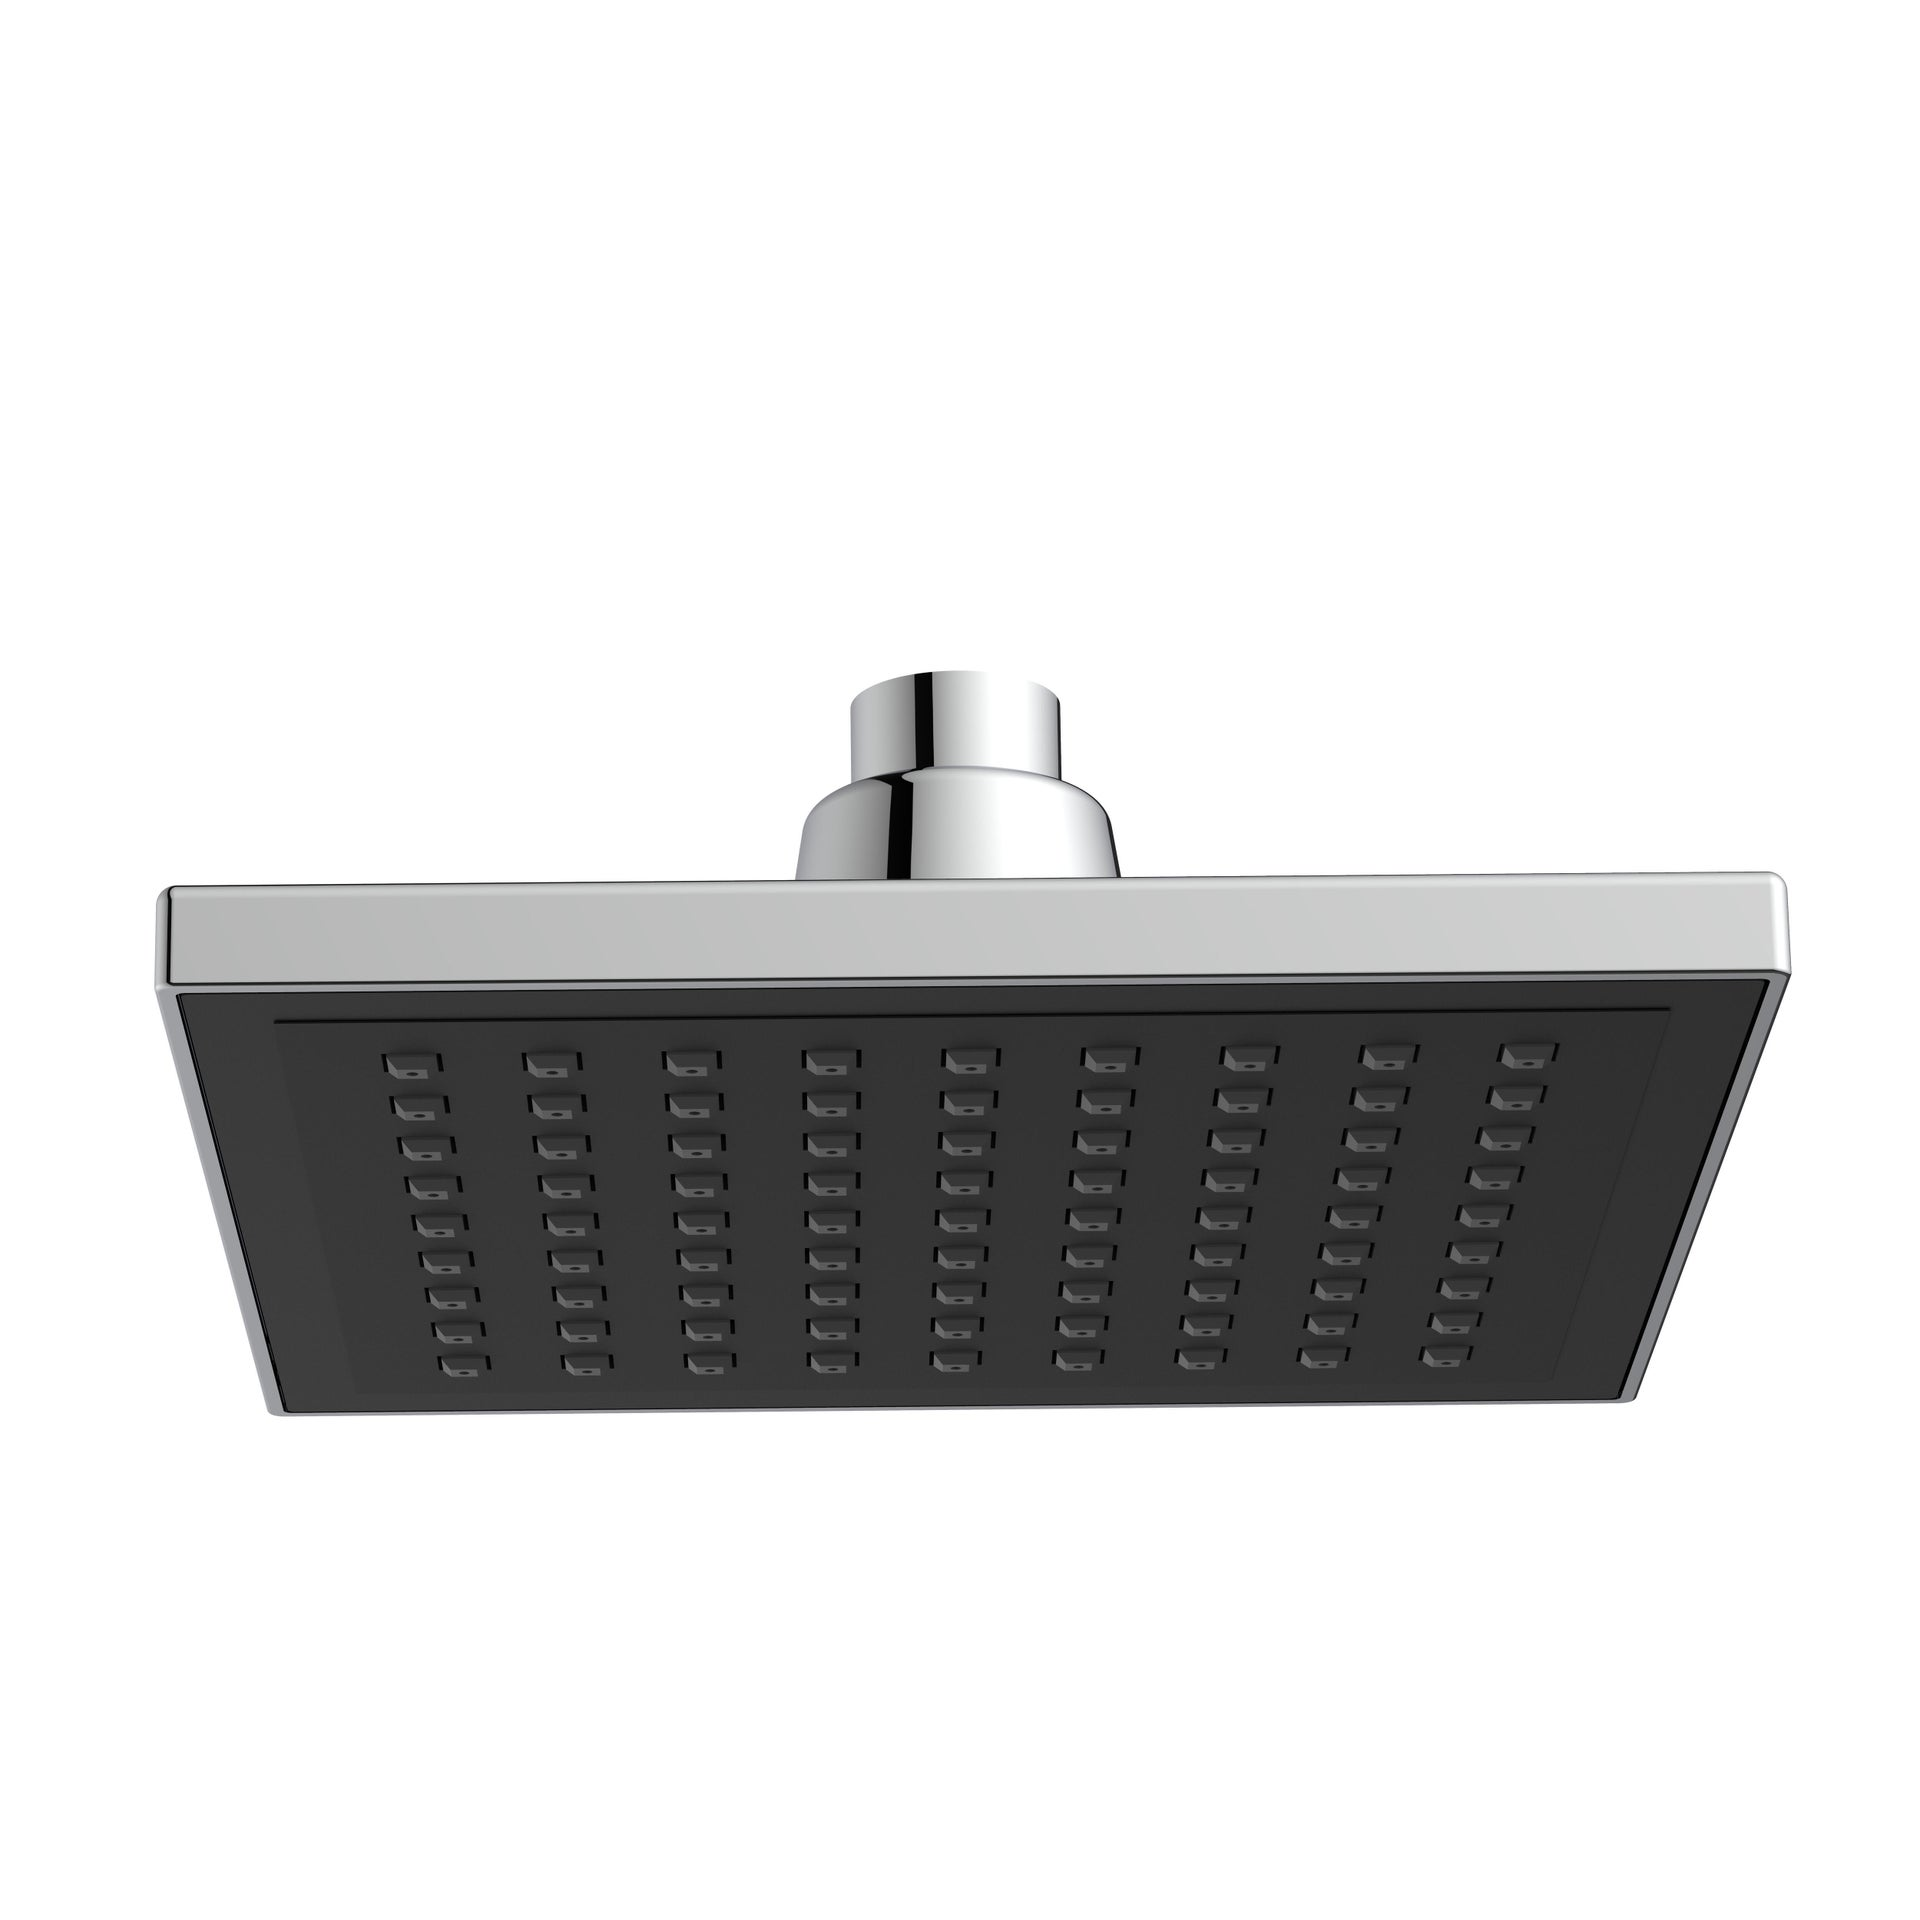 Soffione doccia Square 15 x 15 cm in abs argento - nero cromato